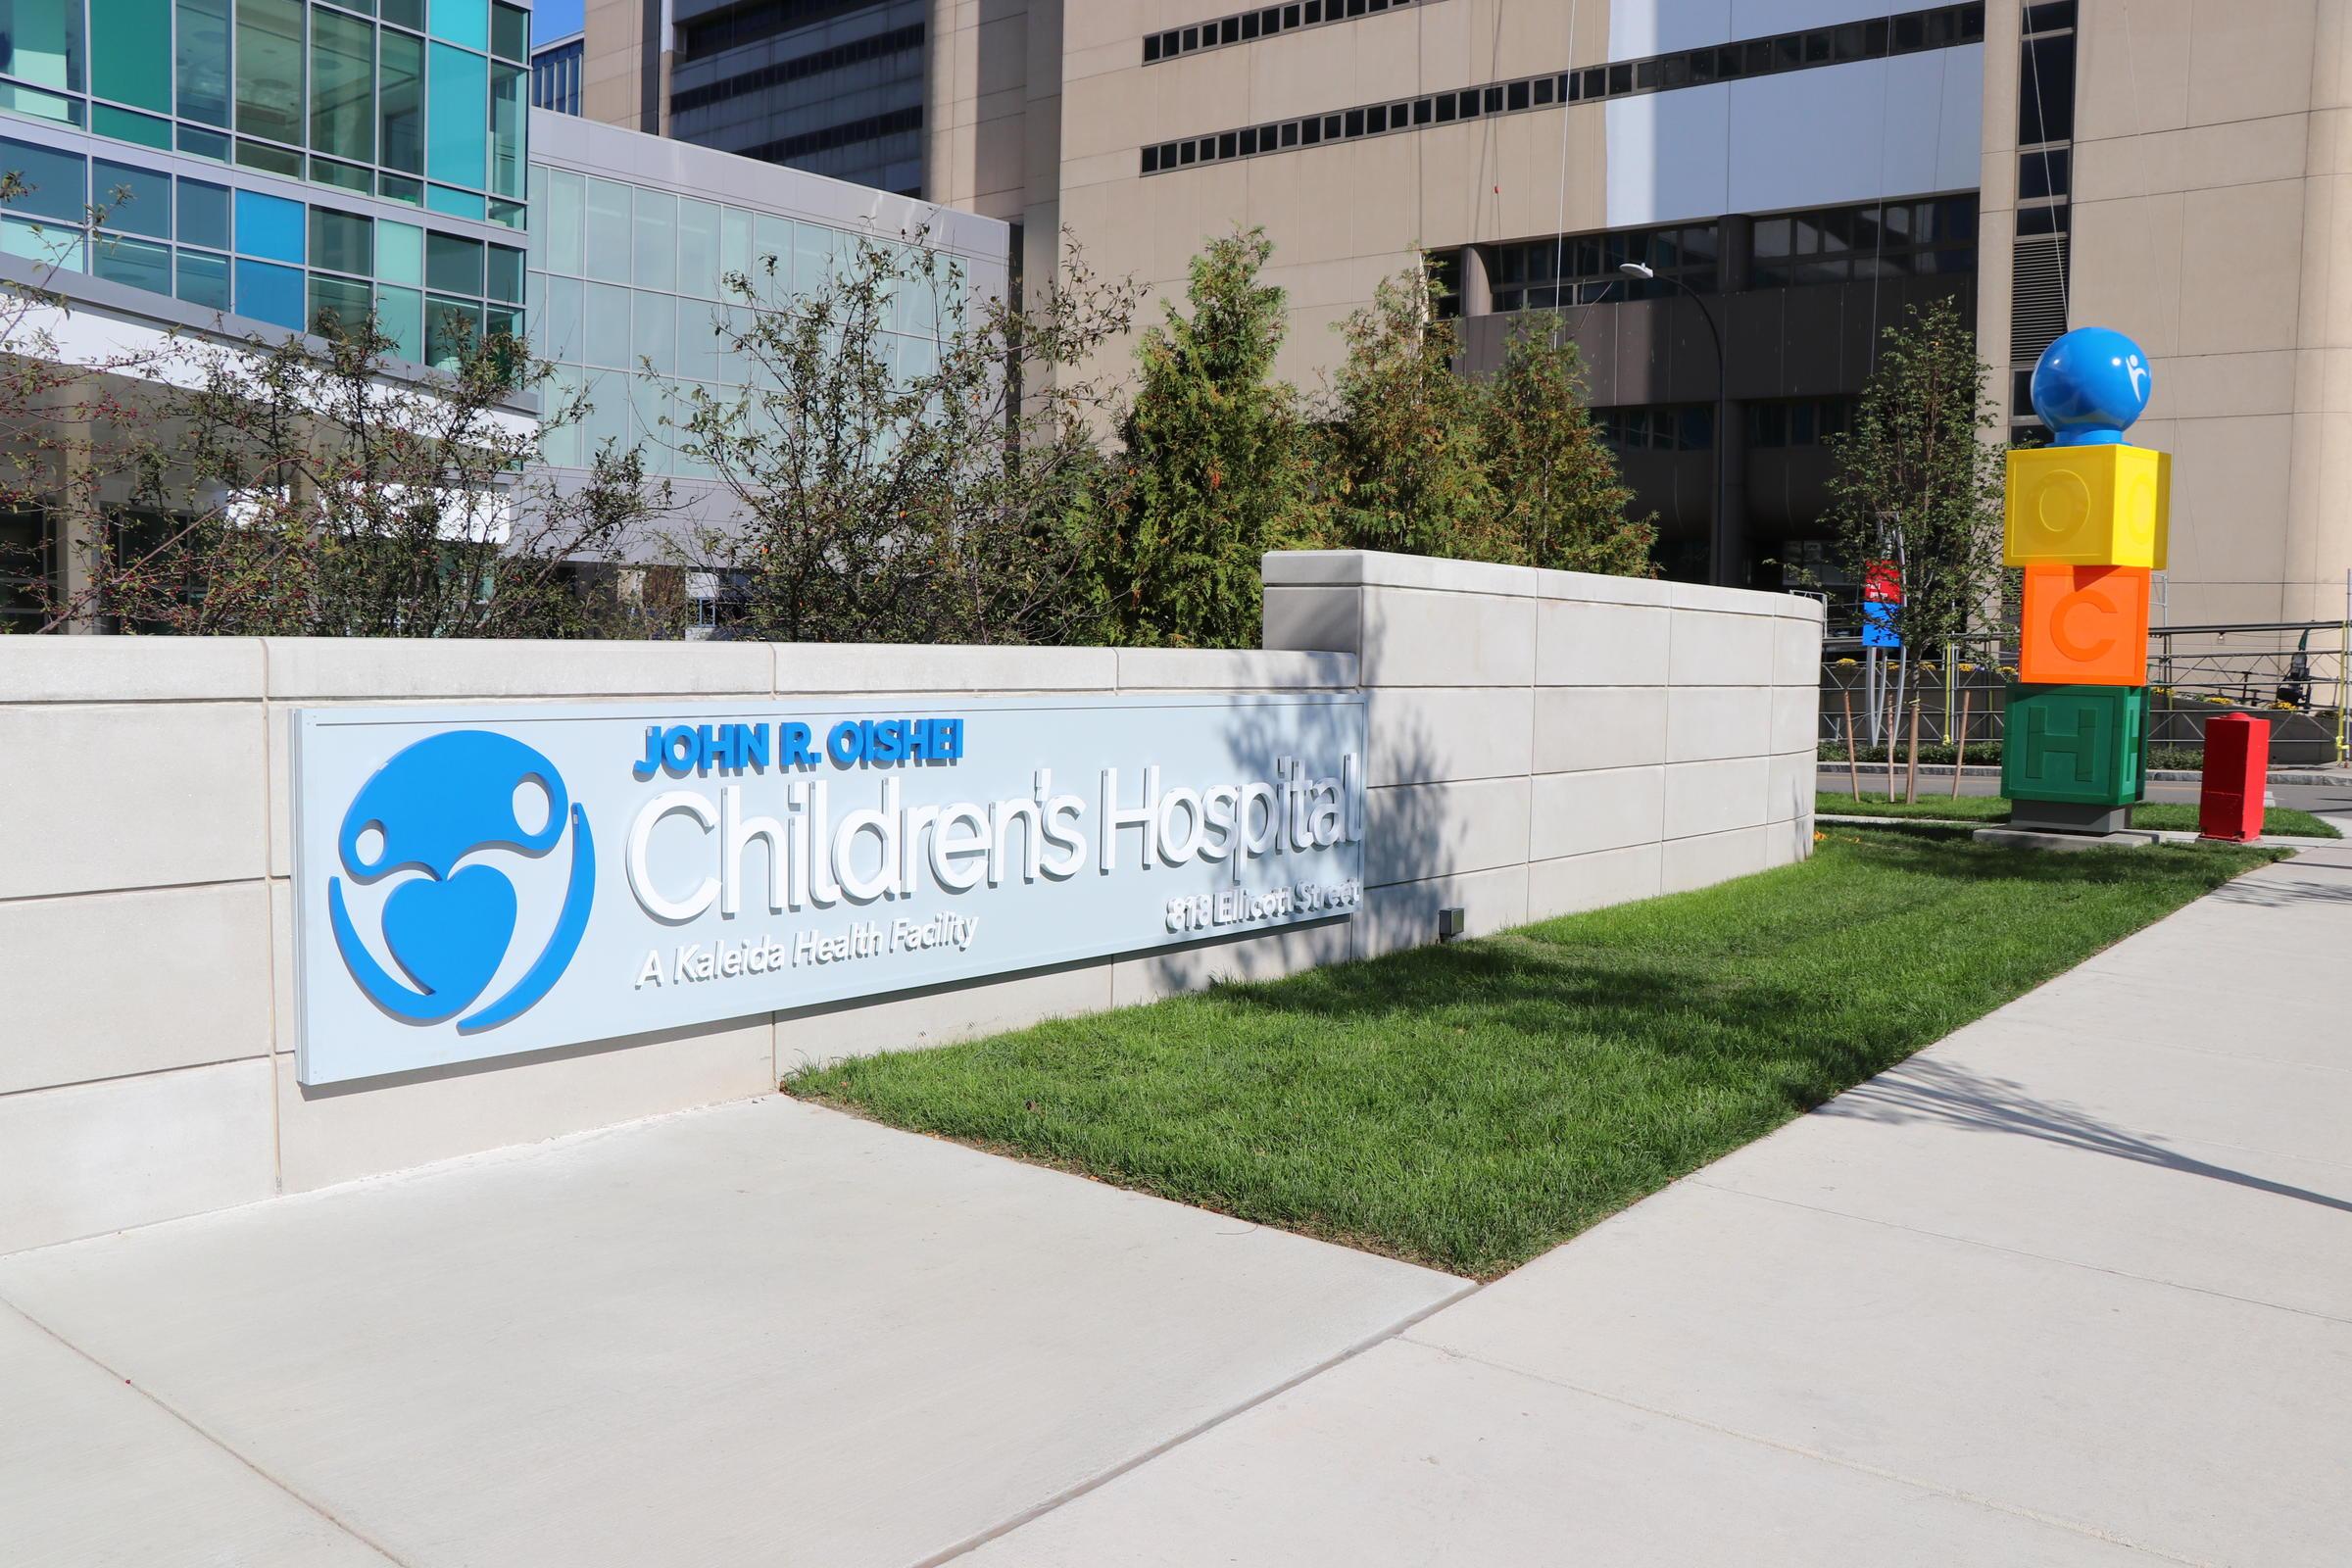 Children_s Hospital Sign.jpg